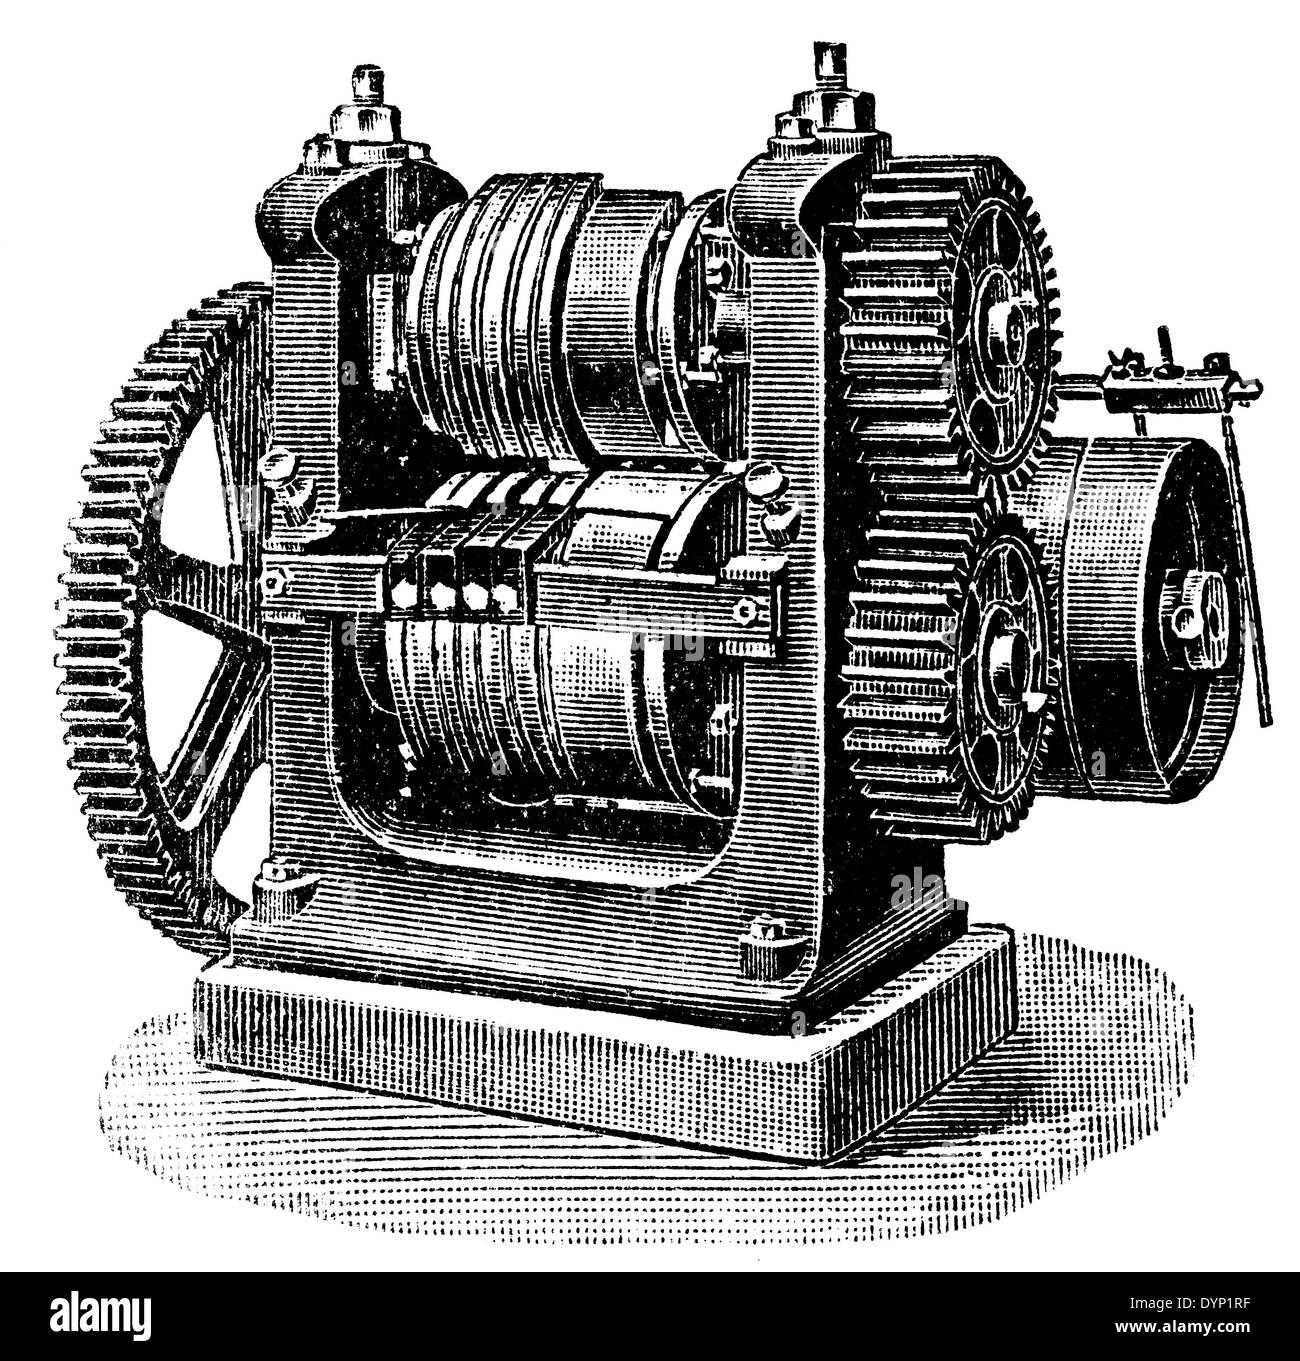 Herstellung von Anlagen, Illustration aus sowjetischen Enzyklopädie, 1927 Stockbild